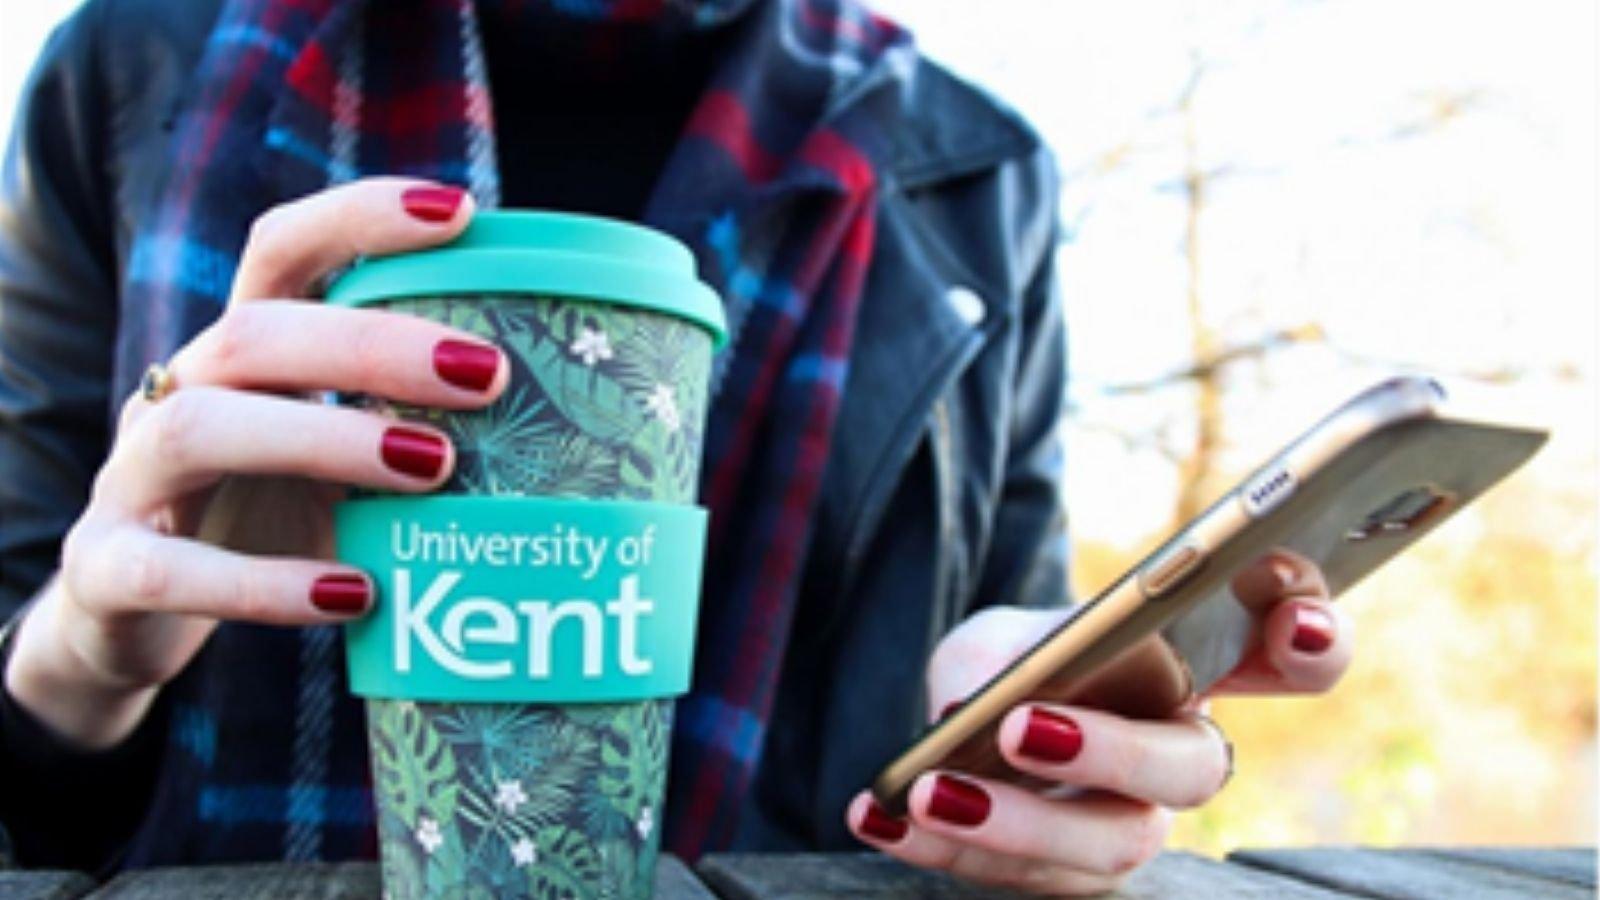 University of Kent reusable cup